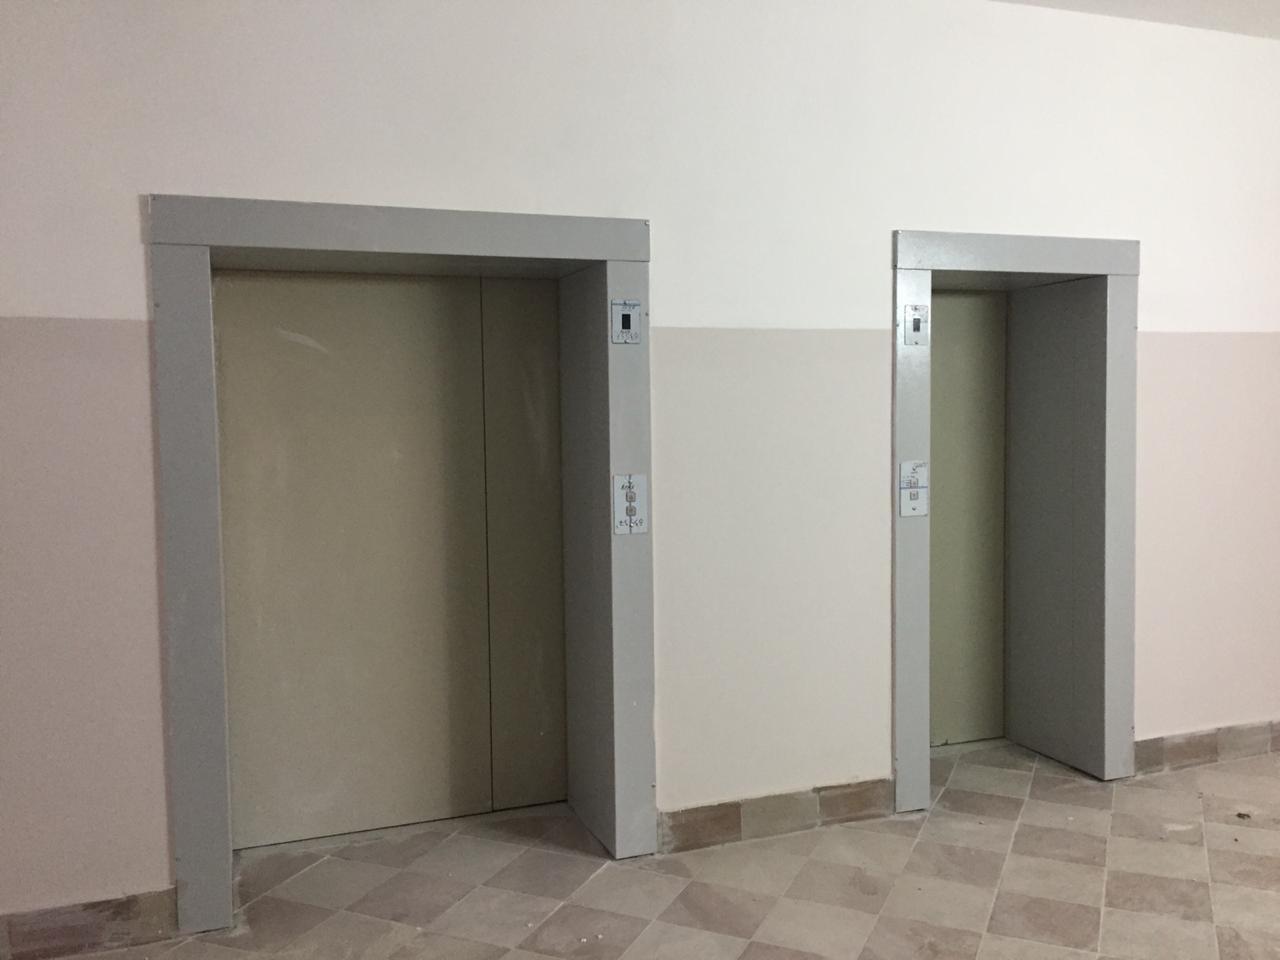 Квартира на продажу по адресу Россия, Волгоградская область, Волгоград, улица Глазкова, 23